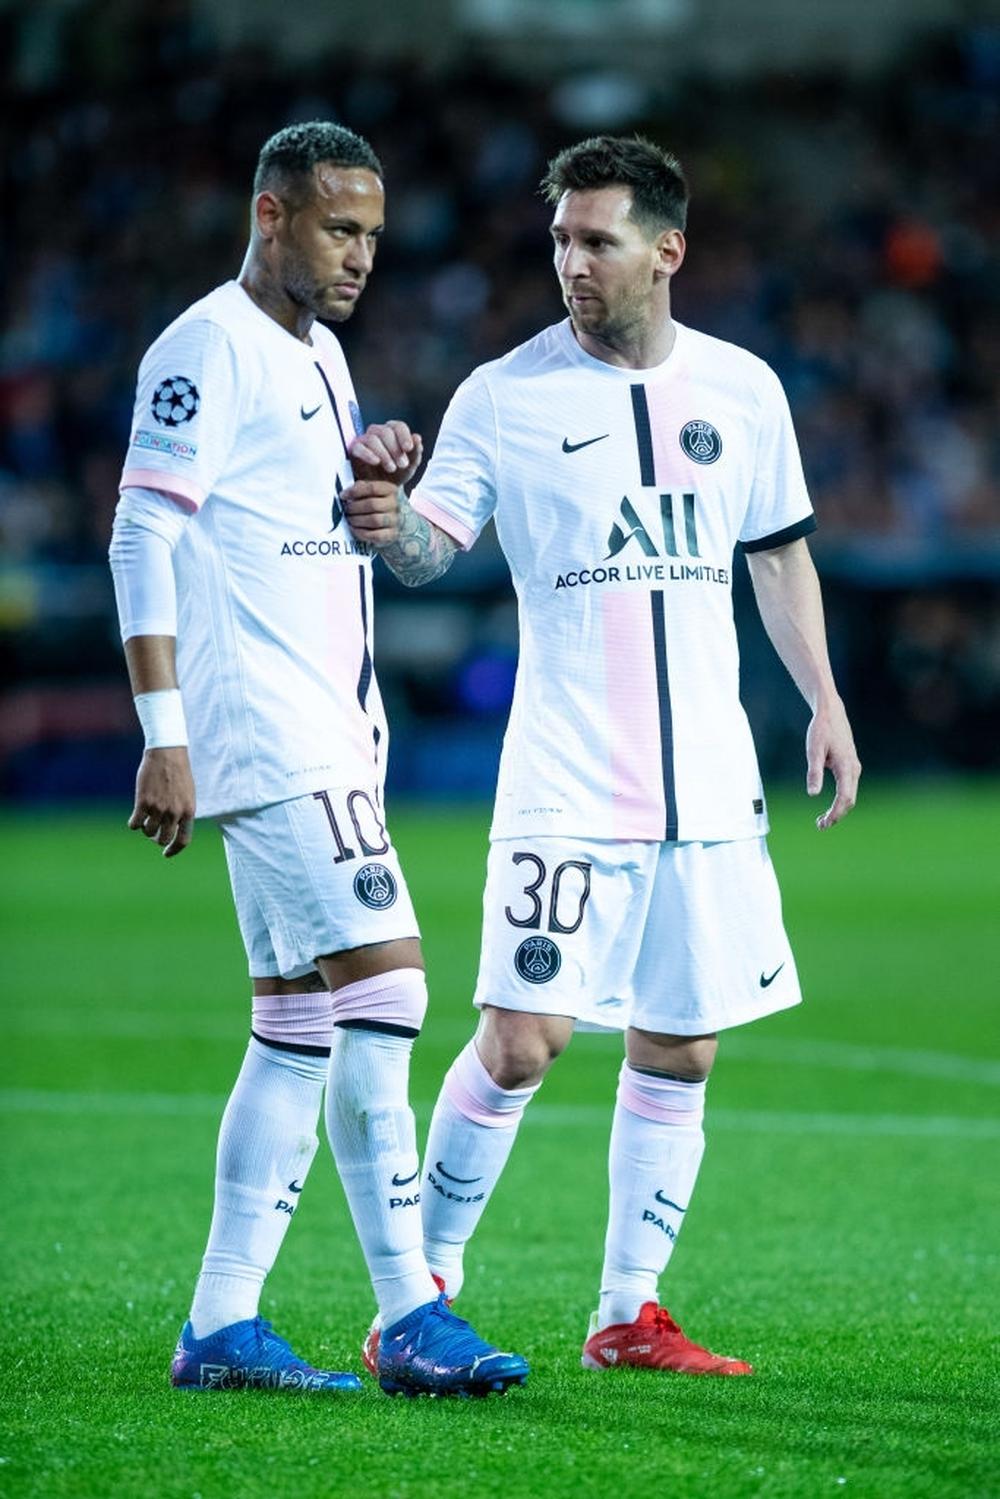 PSG yếu hơn với Messi trong đội hình - Ảnh 1.